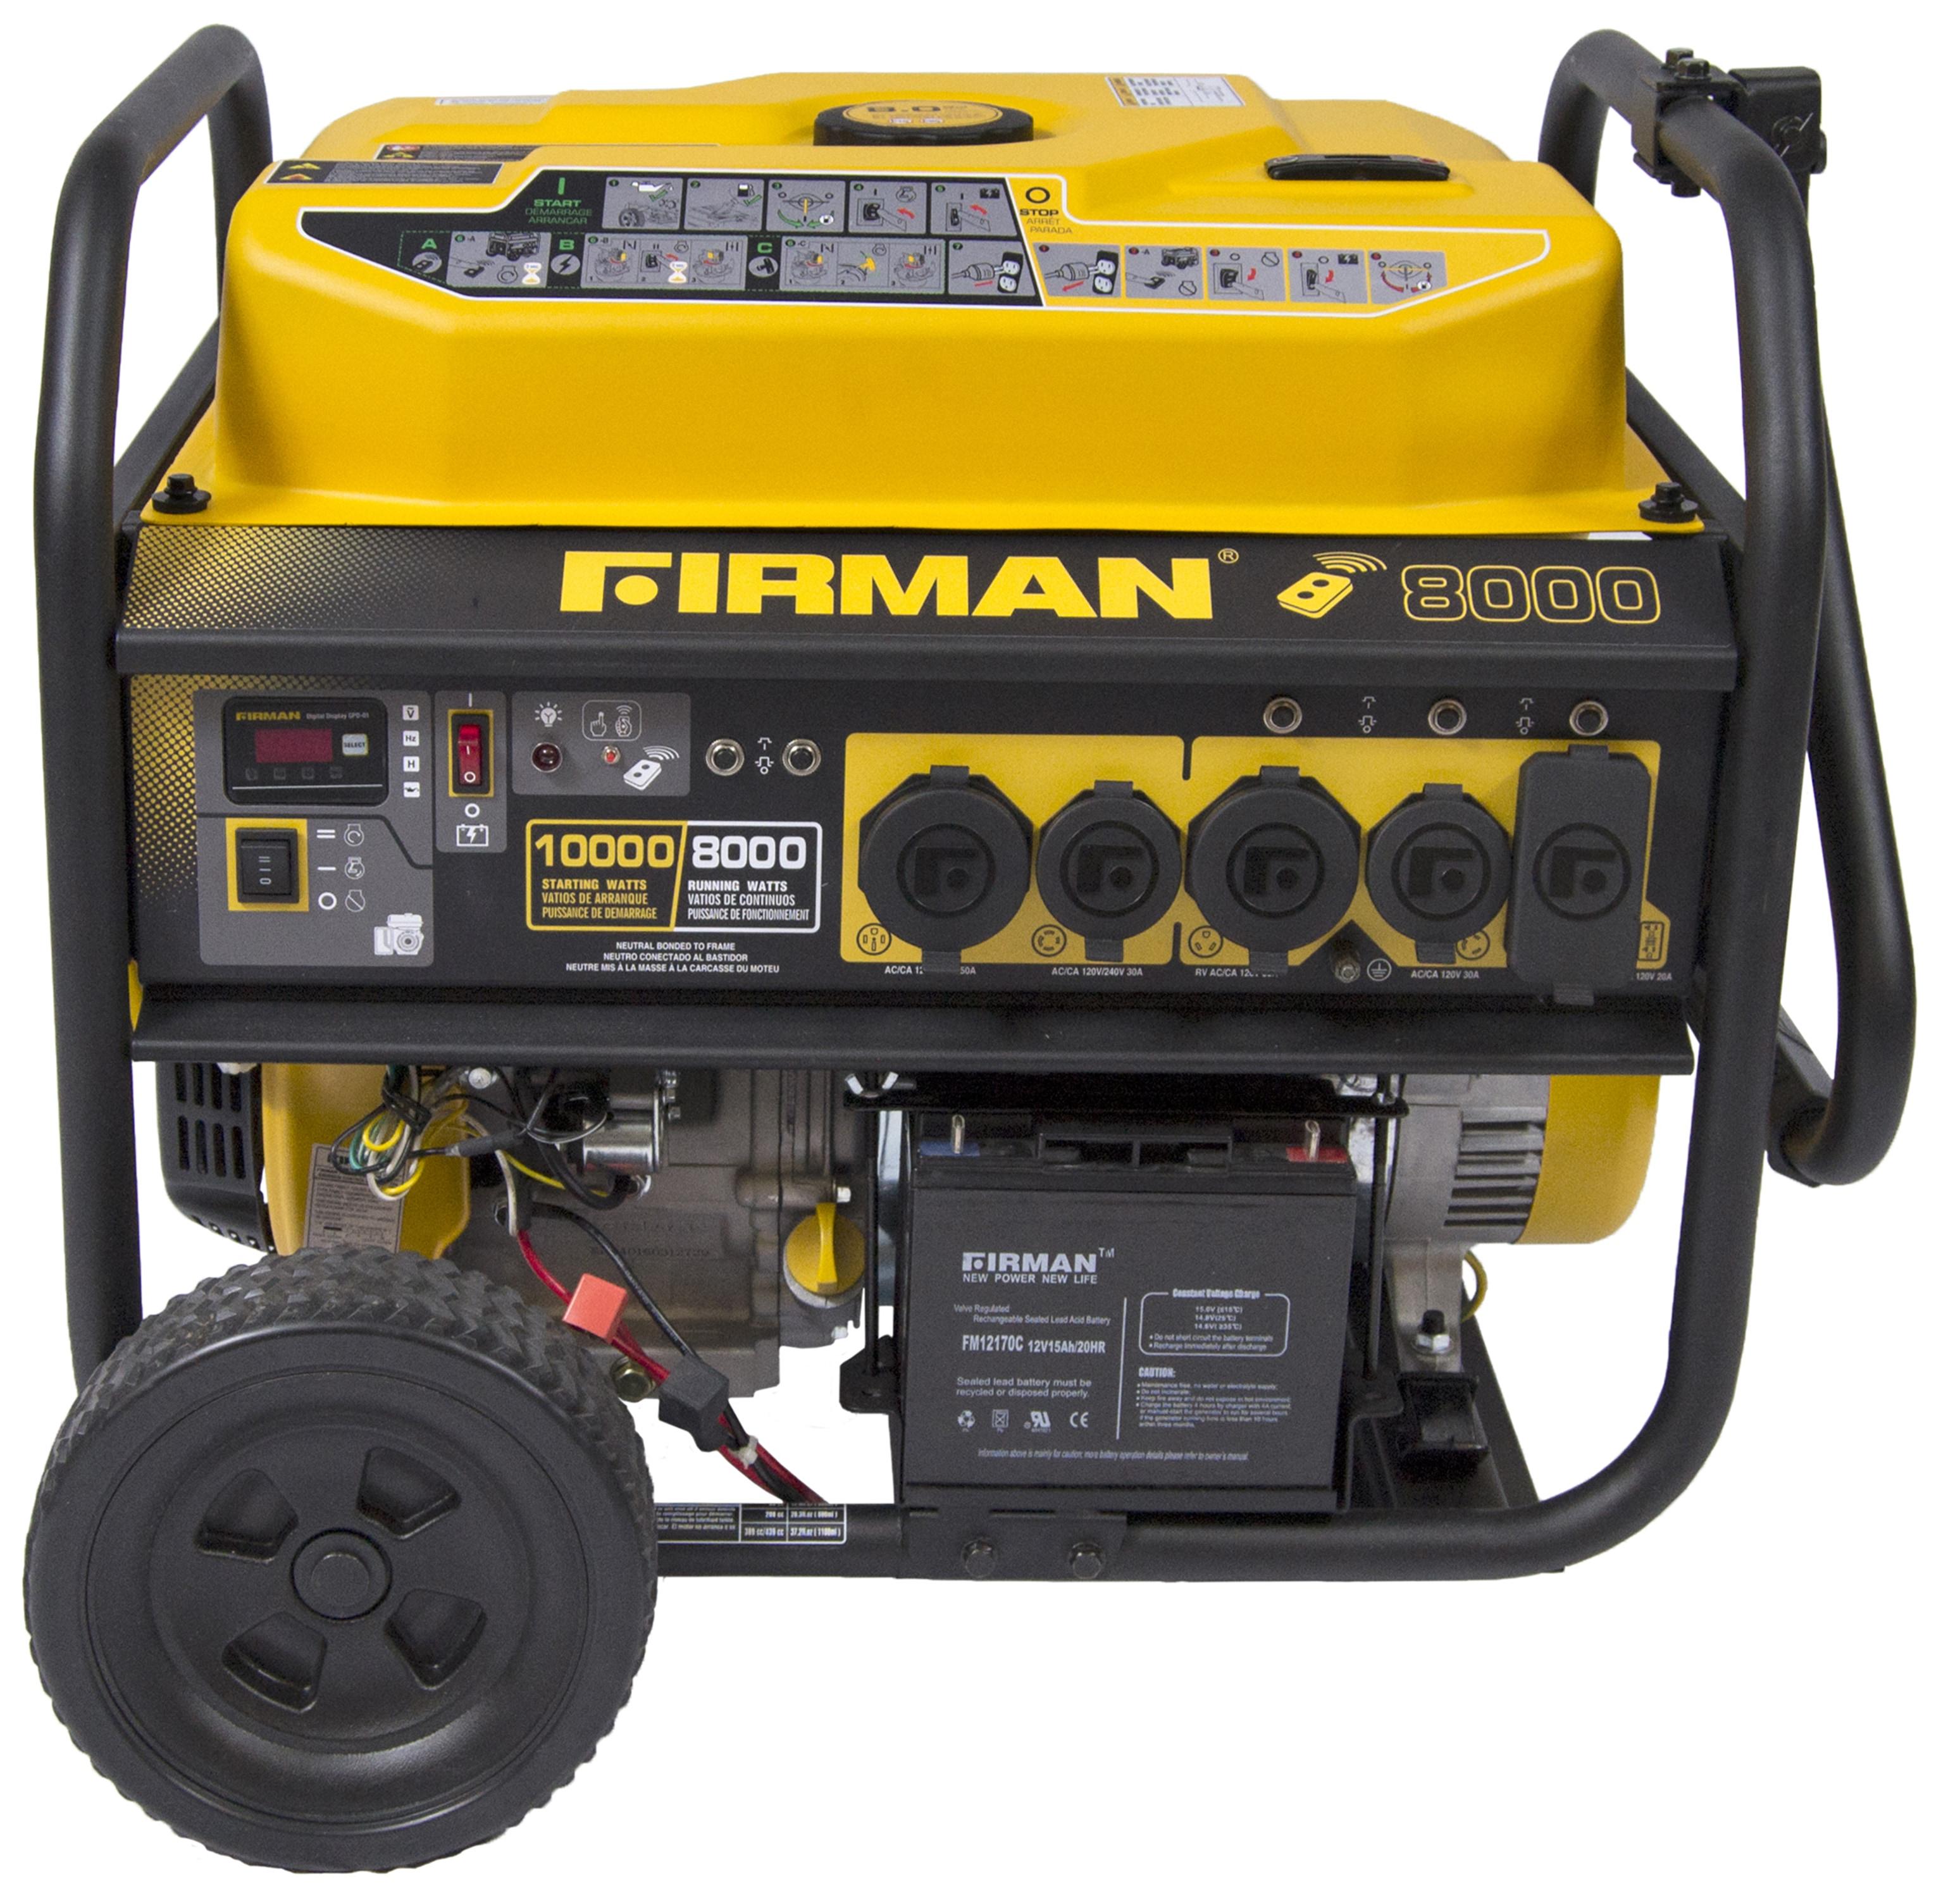 Firman Power Equipment Firman P 8000 Watt Portable Gas